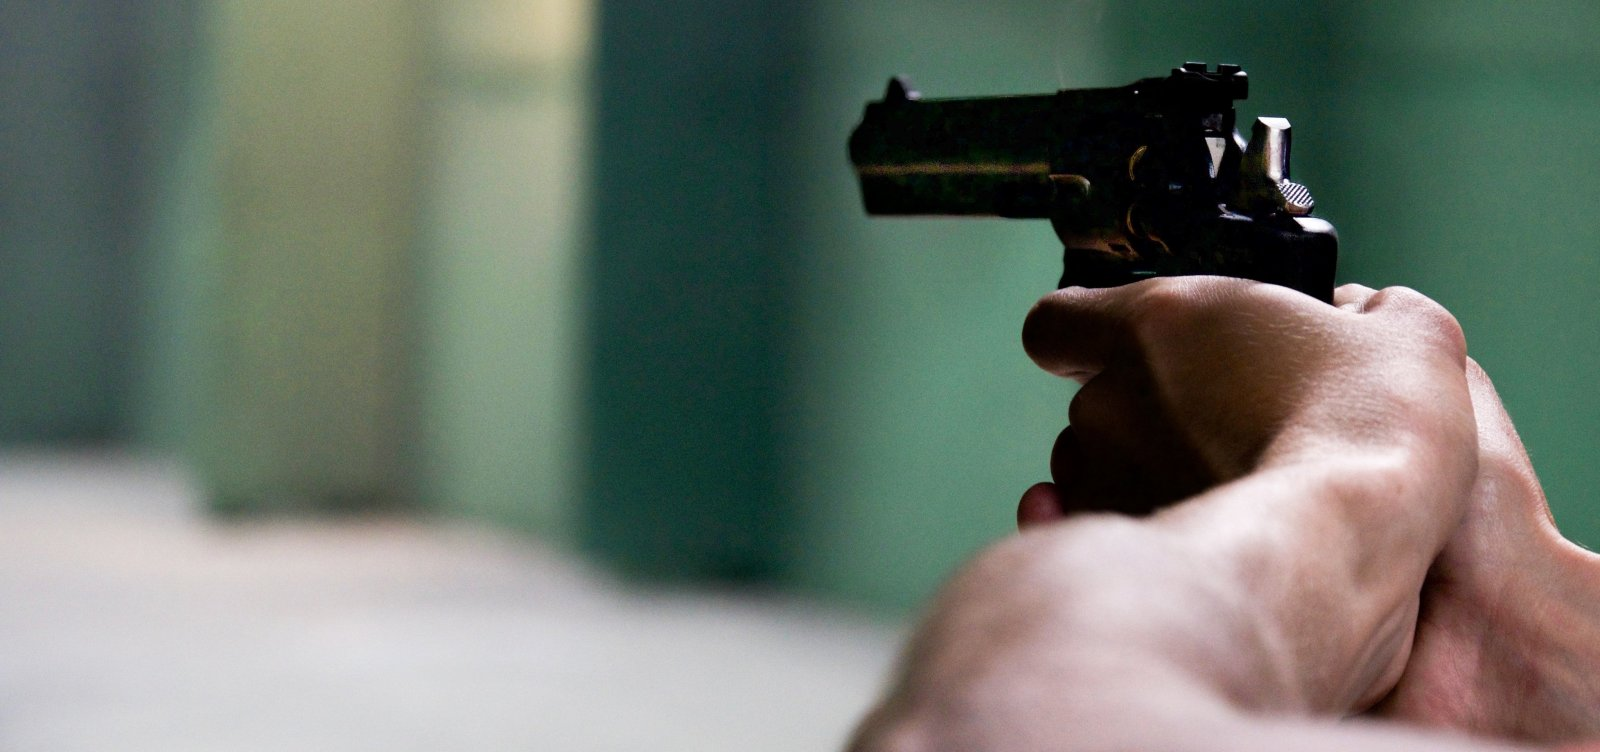 [Bahia lidera ranking de mortes de crianças e adolescentes por arma de fogo]